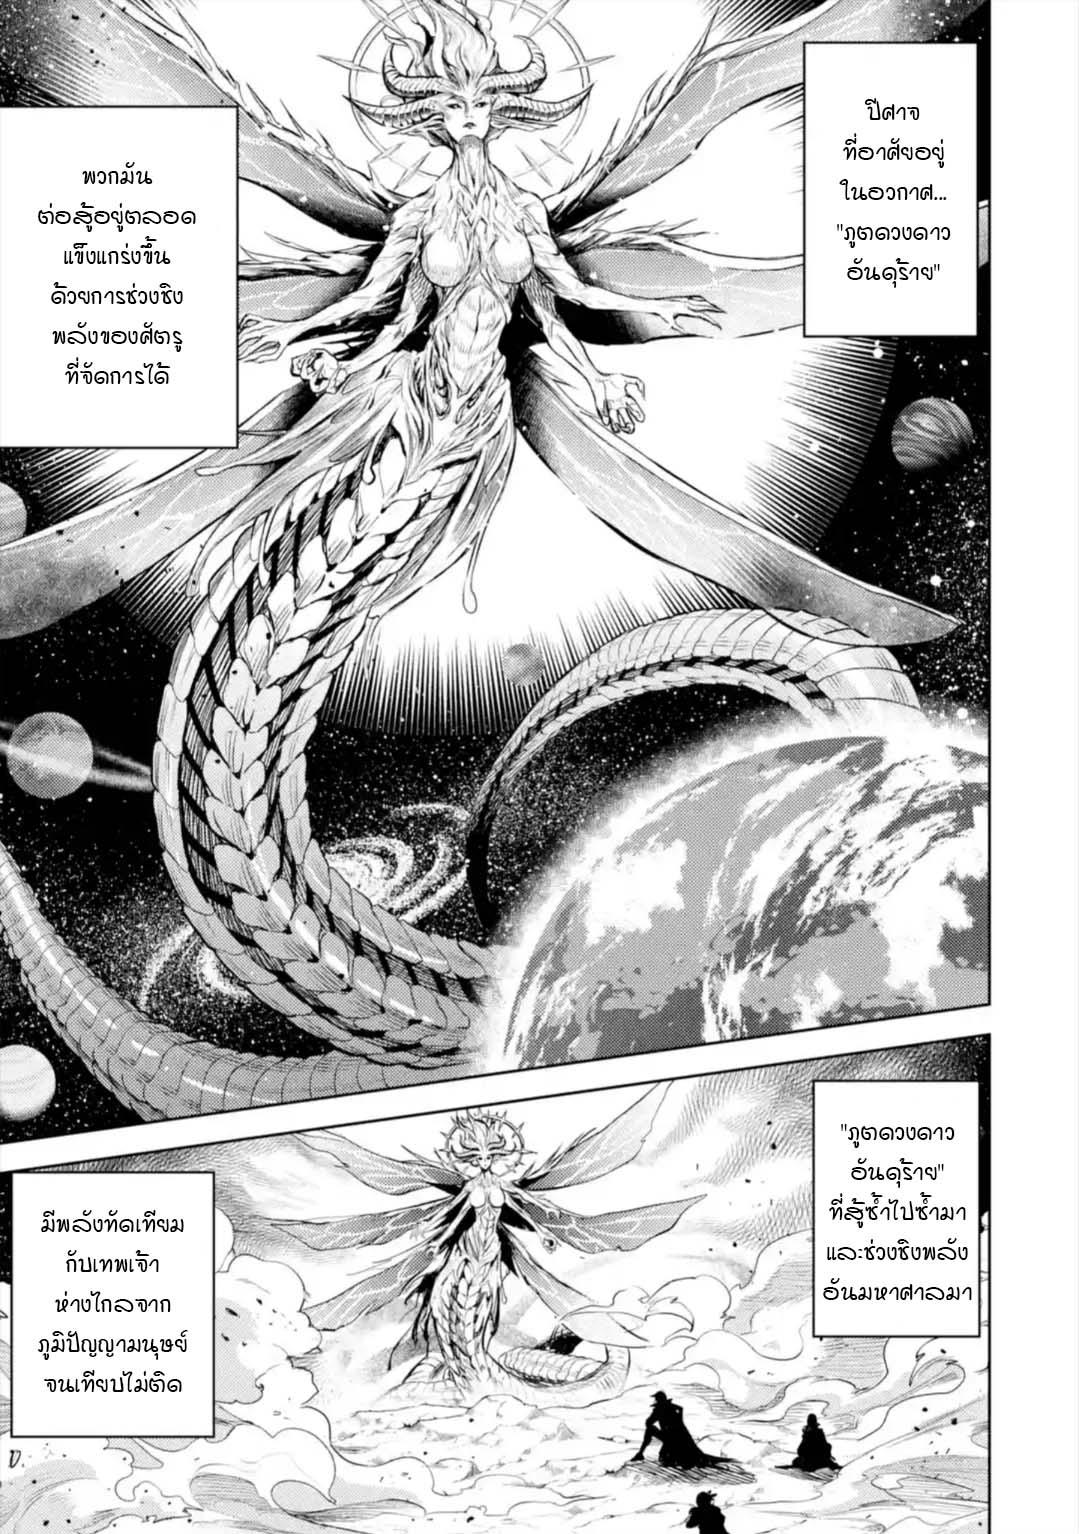 อ่านการ์ตูน Senmetsumadou no Saikyokenja ตอนที่ 8.1 หน้าที่ 1